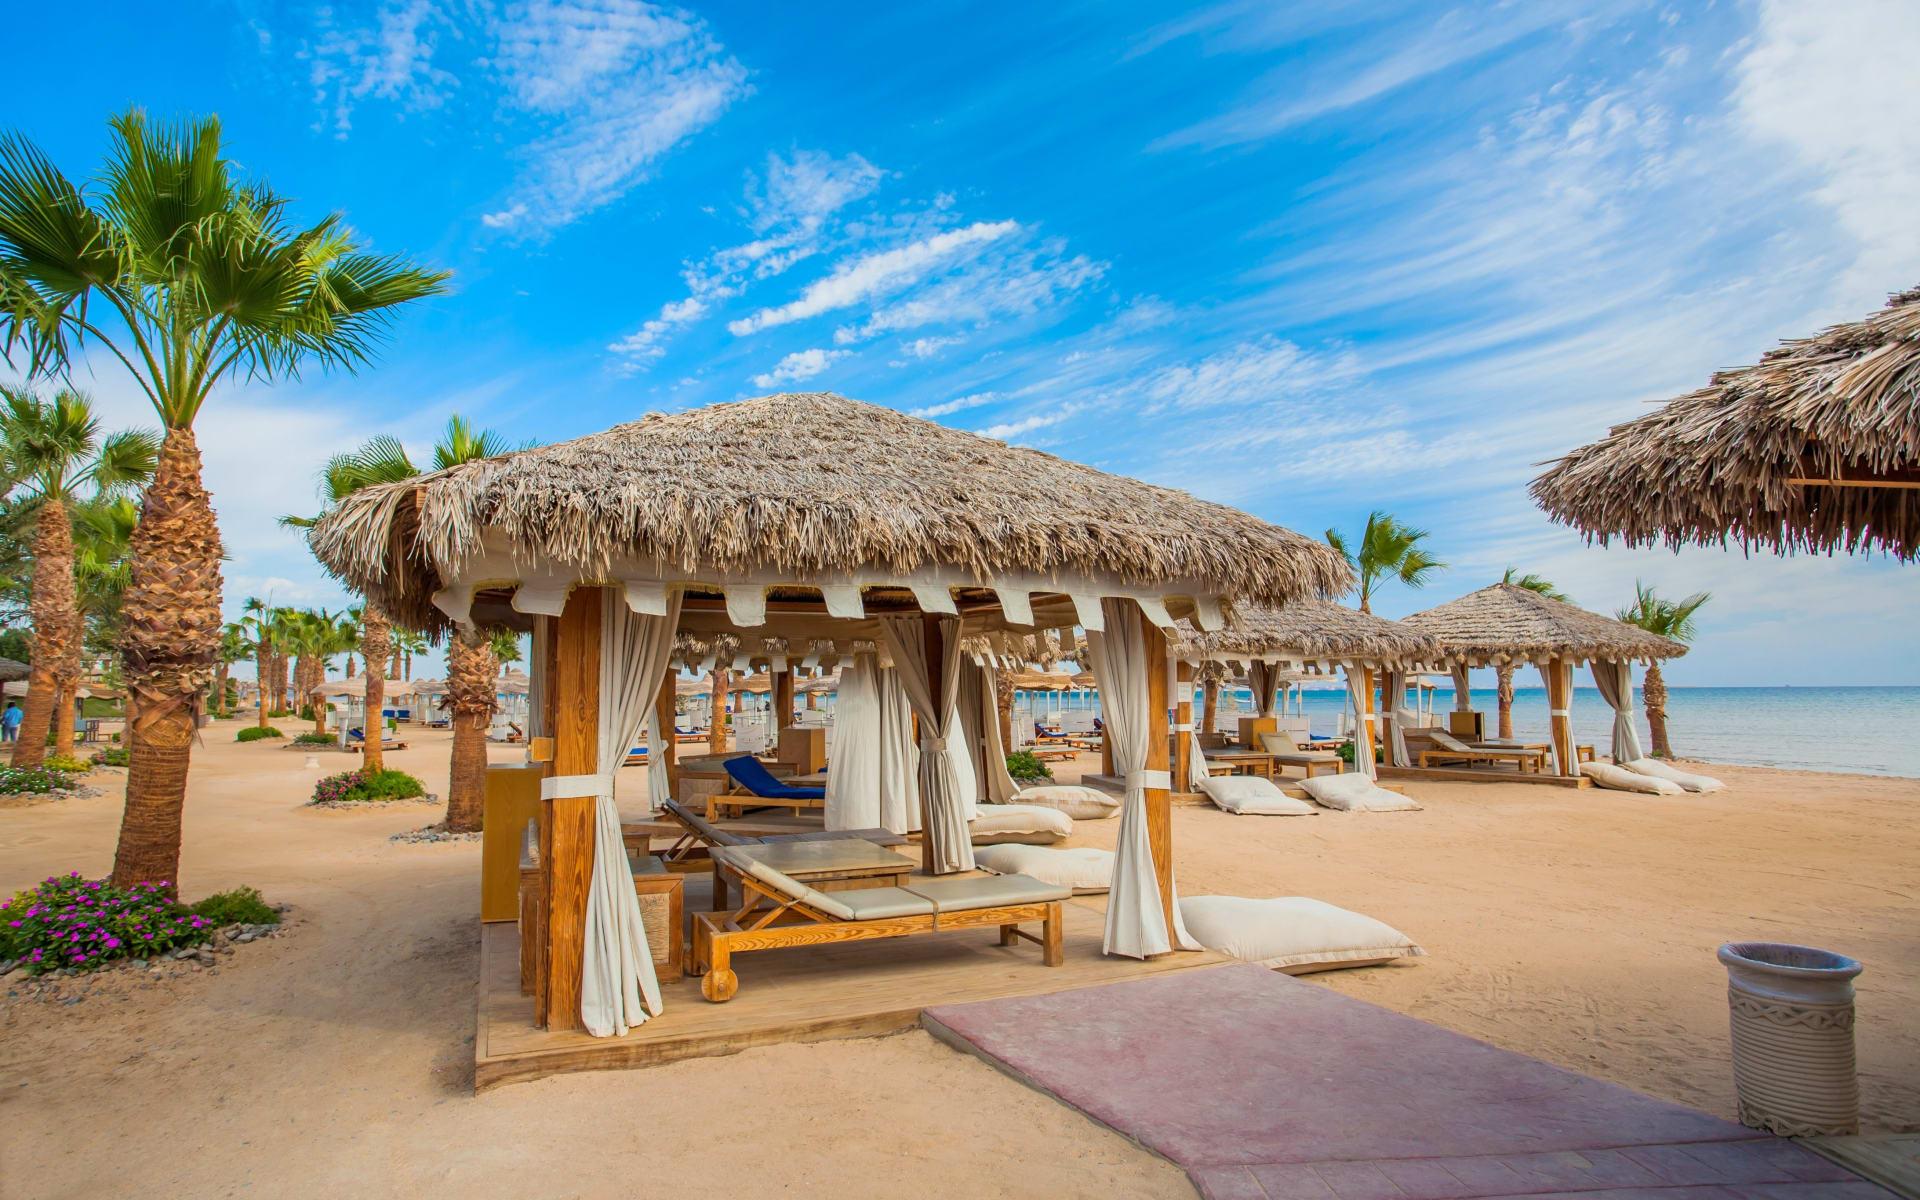 Badeferien im Steigenberger ALDAU Beach Hotel ab Hurghada: Strandhütten Hurghada